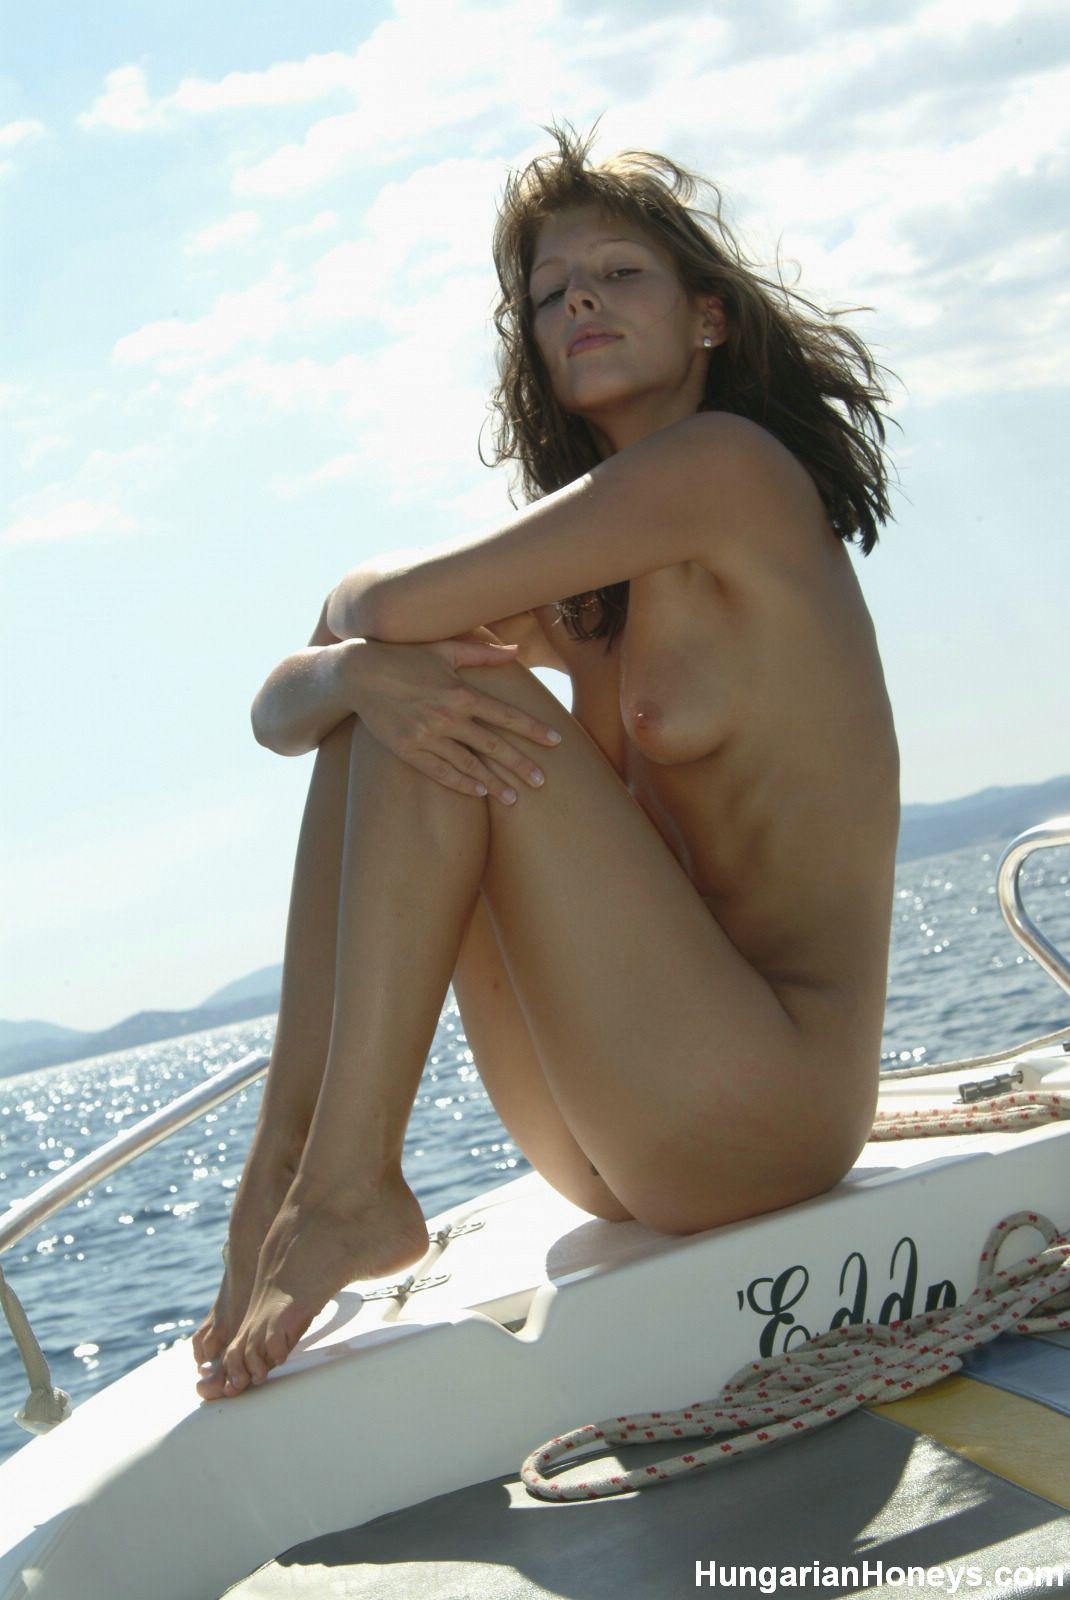 Petite women naked pics